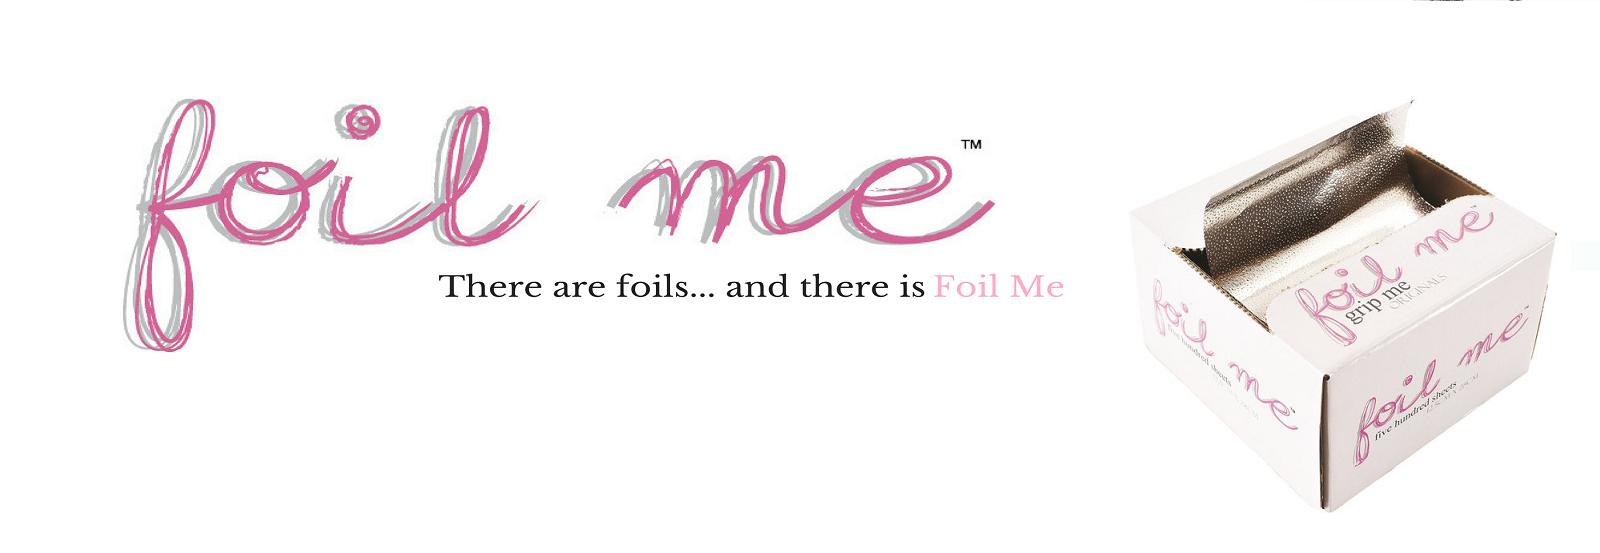 foil-me.png